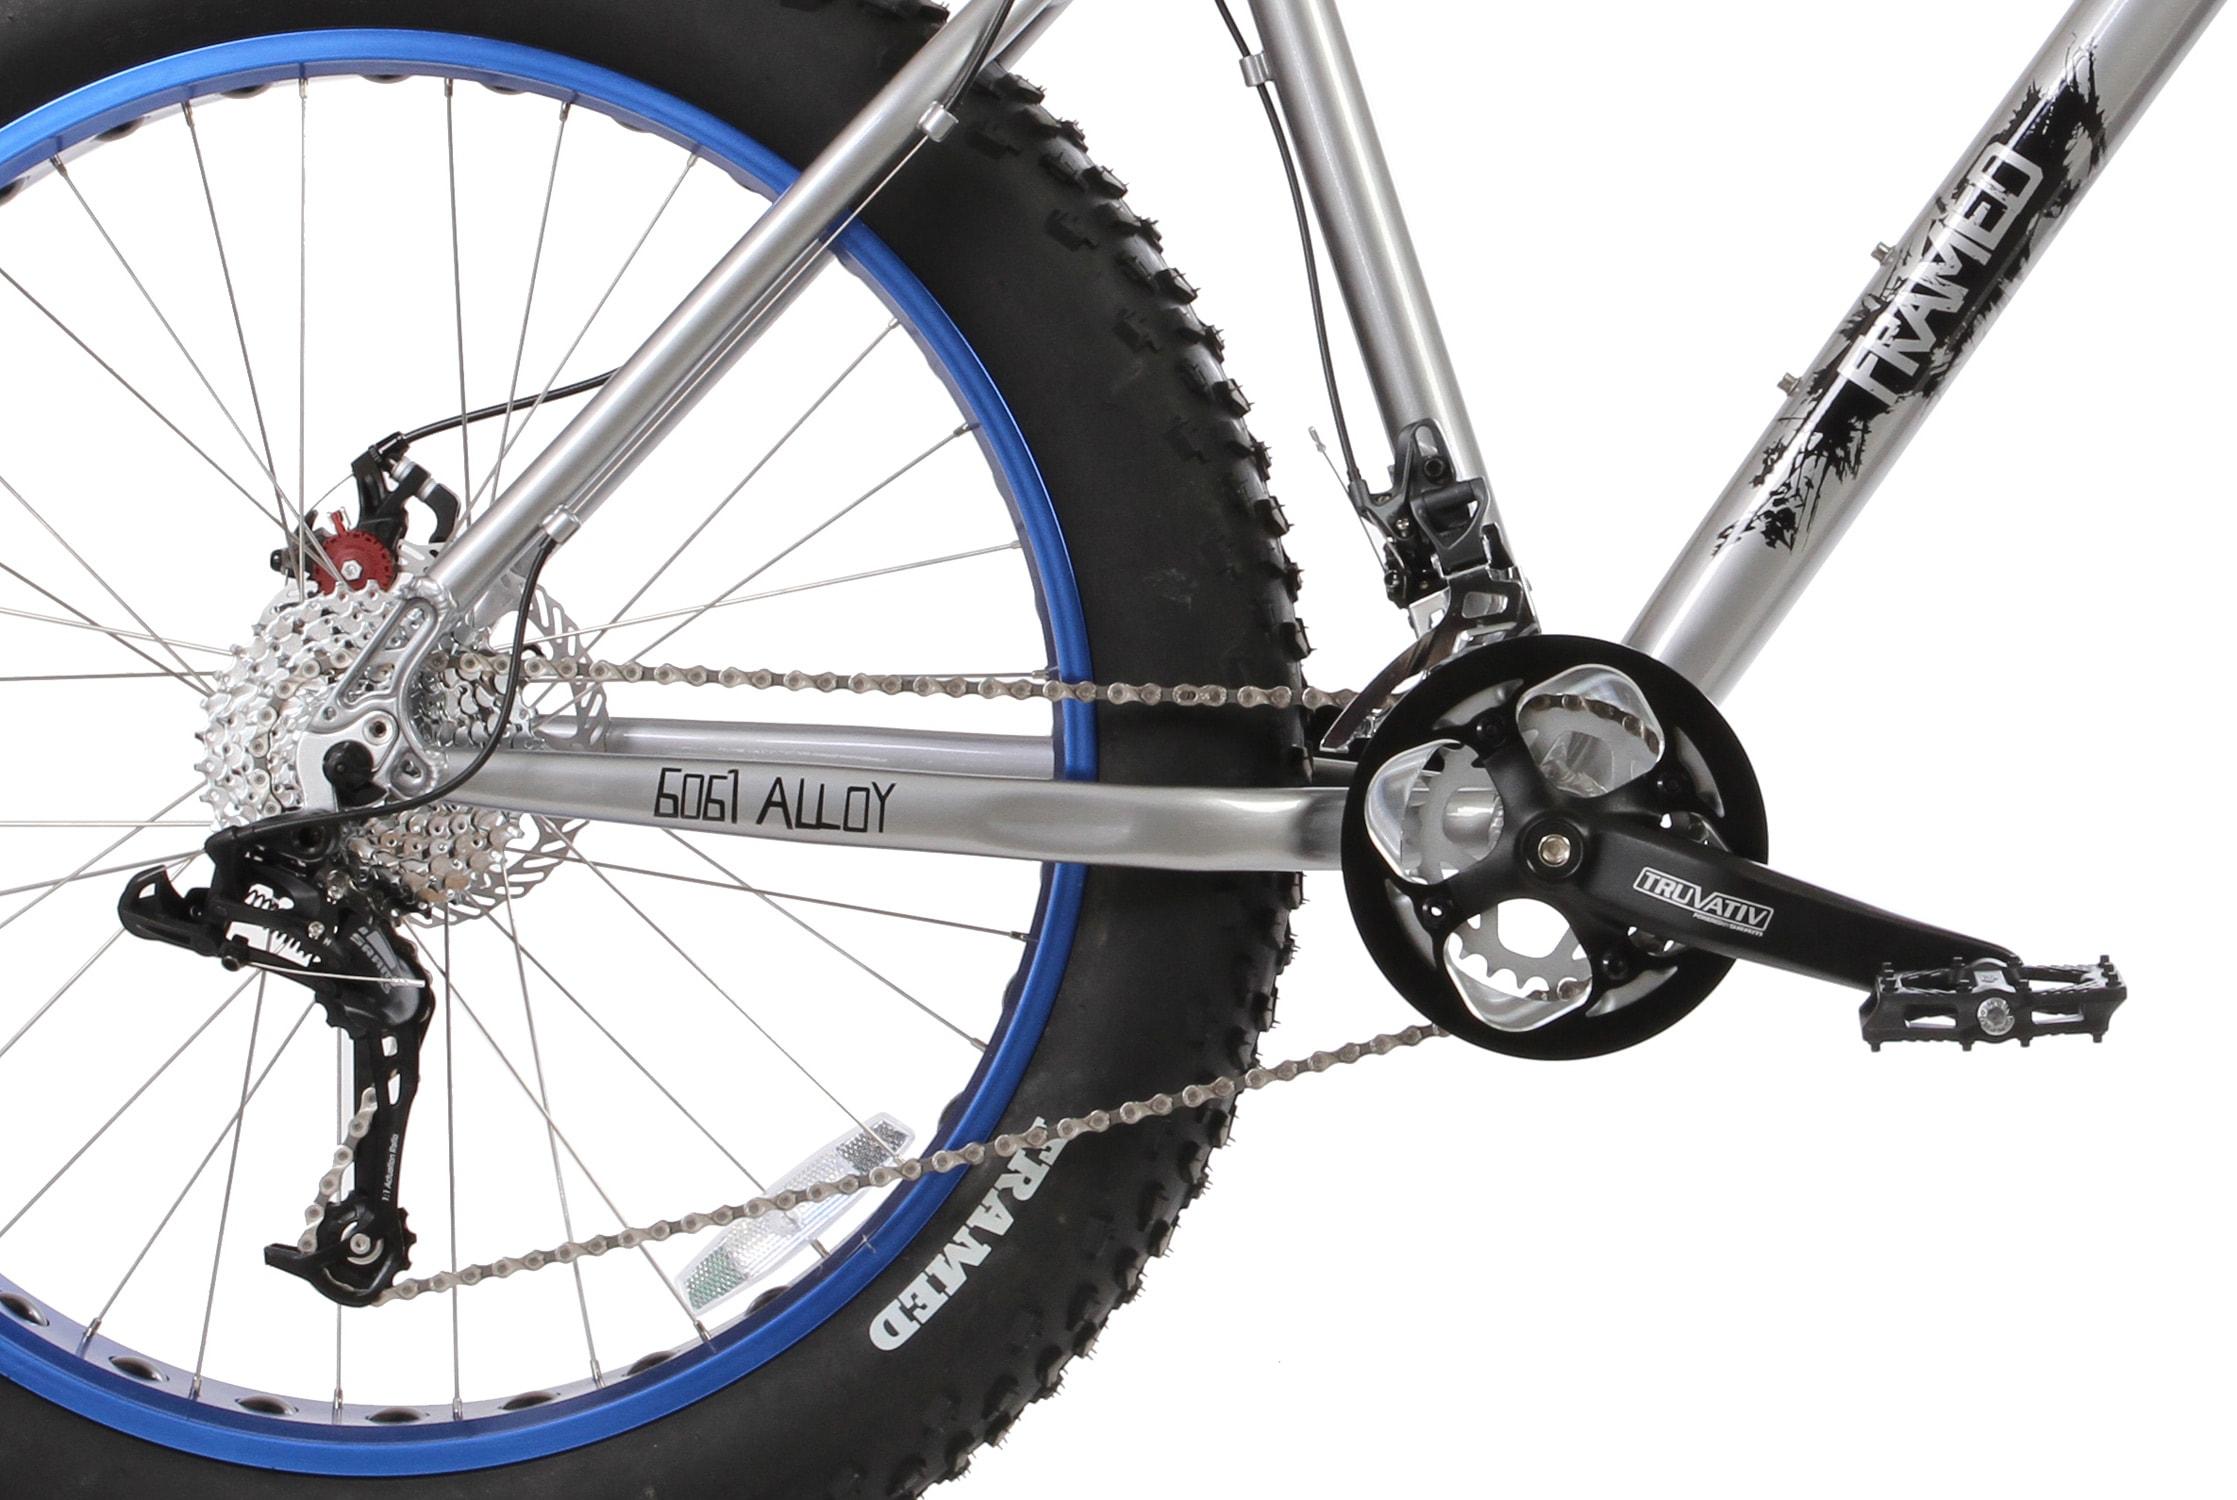 Framed Minnesota 2.0 Fat Bike Silver/blue Sz 16in | eBay